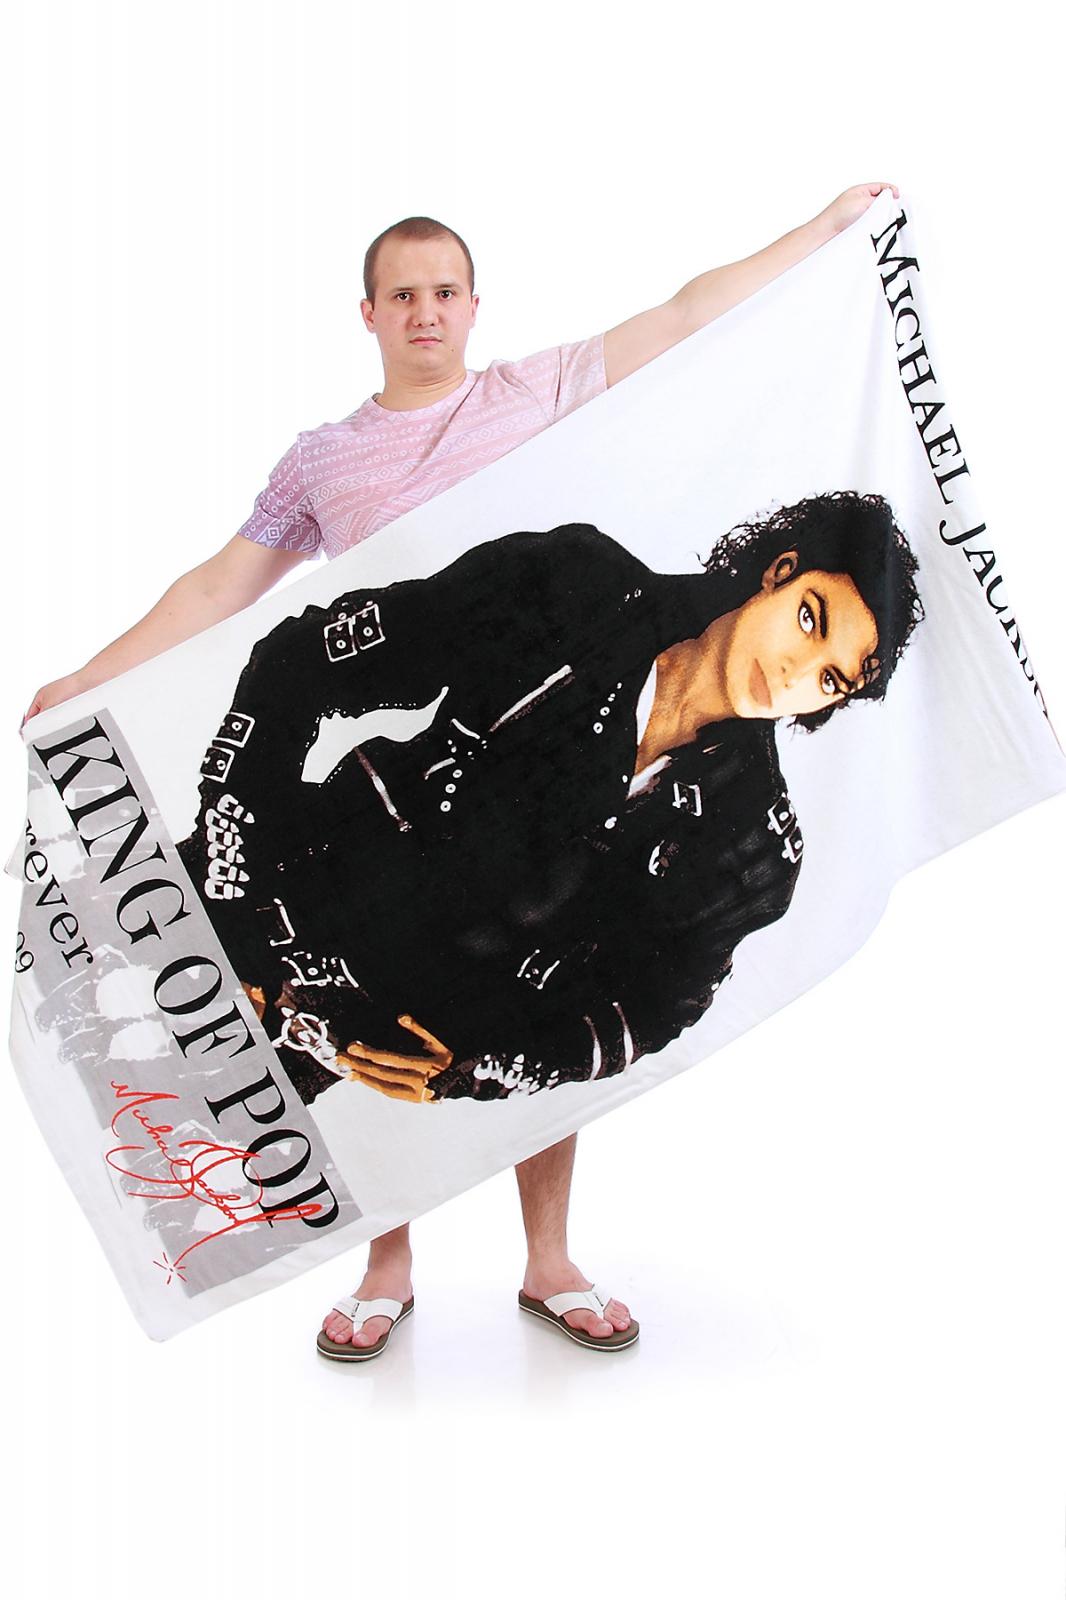 Полотенце Майкл Джексон - купить онлайн в интернет-магазине